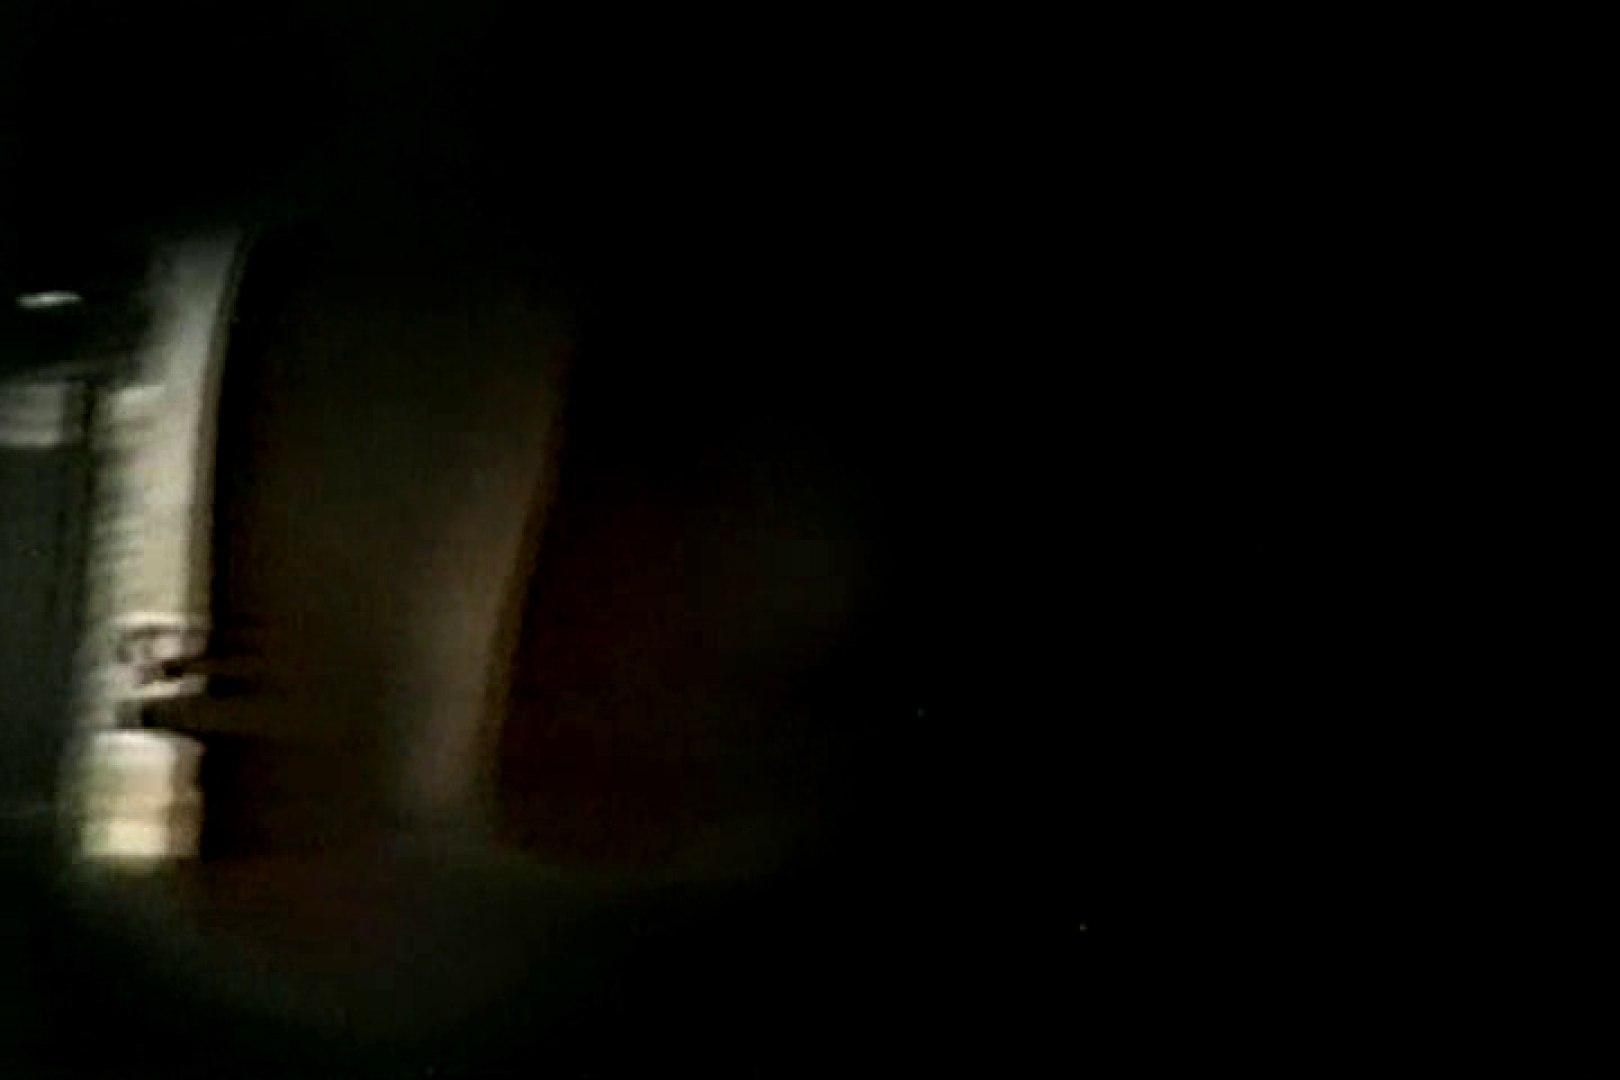 深夜の撮影会Vol.6 覗き オメコ無修正動画無料 91画像 74